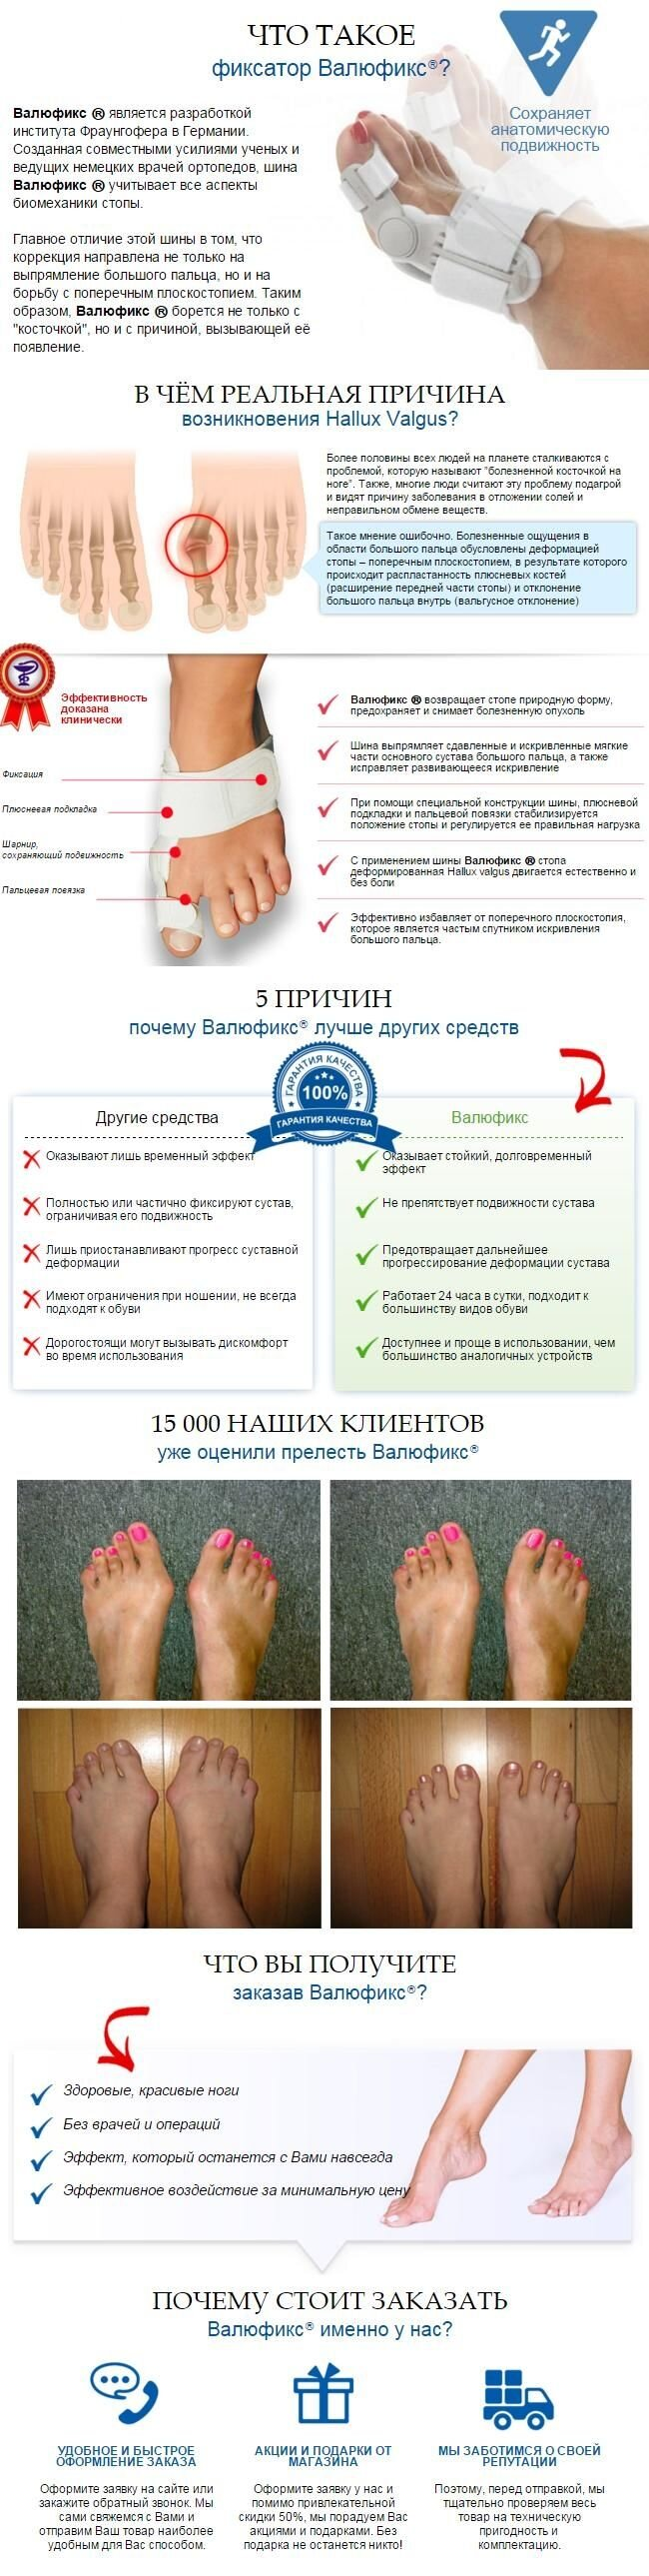 Фиксатор для большого пальца ноги Валюфикс (Valufix) - фото купить валюфикс в казахстане